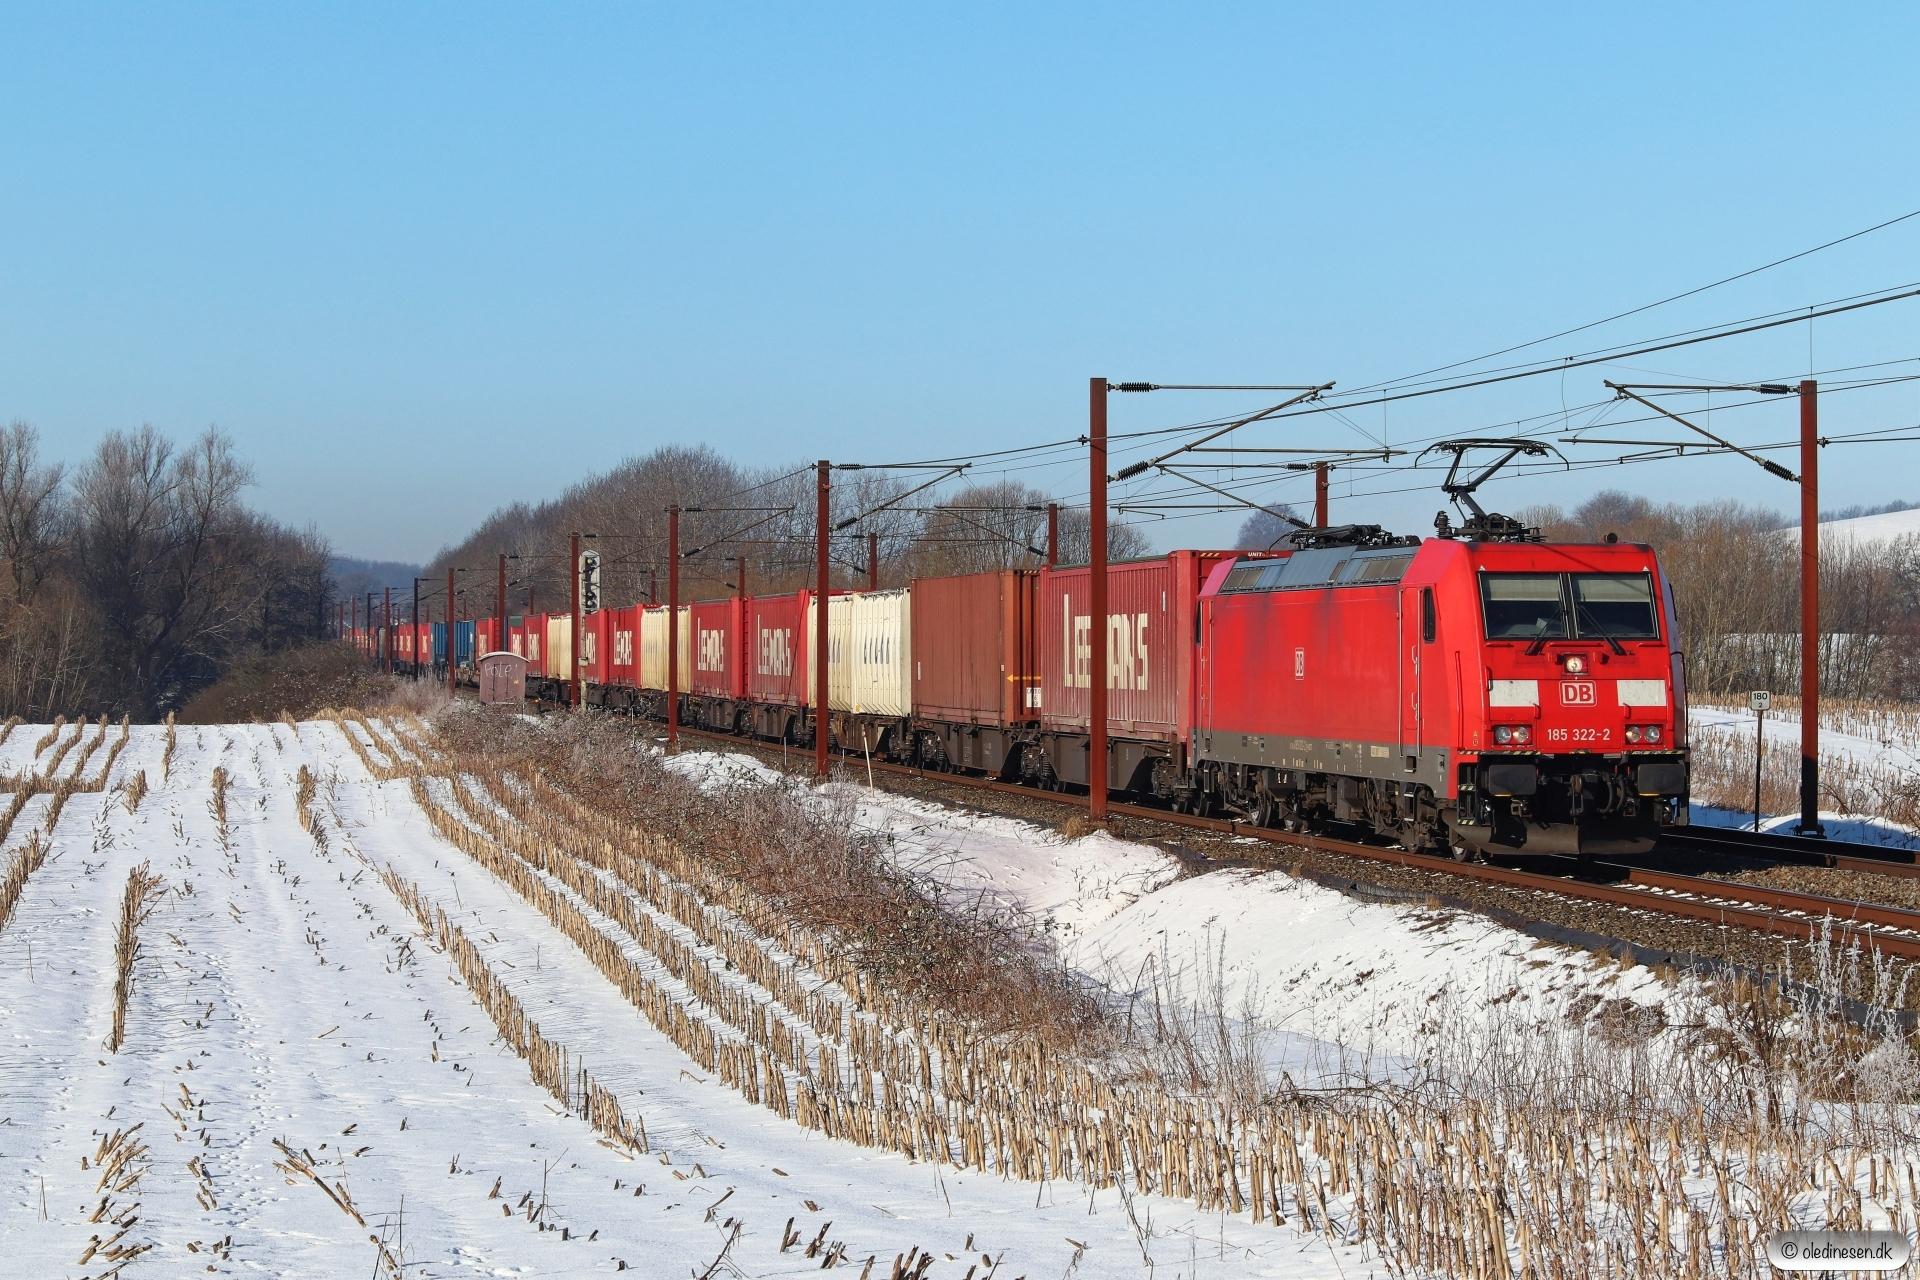 DB 185 322-2 med GD 42752 Pa-Mgb. Km 180,2 Kh (Skalbjerg-Bred) 13.02.2021.